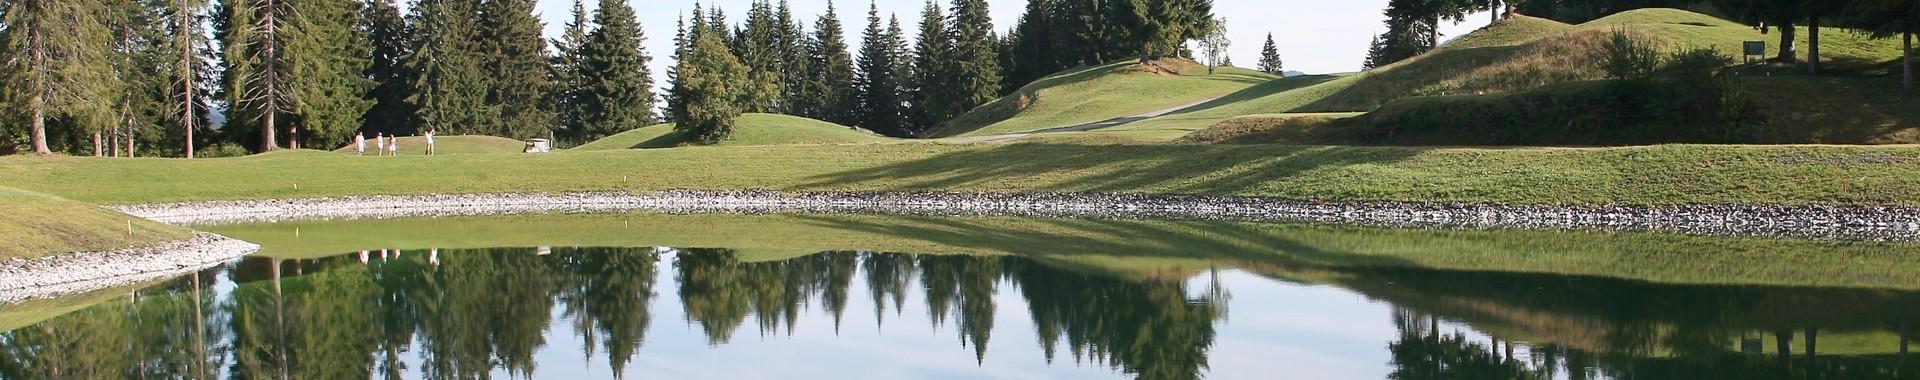 Les Gets, golf et lac